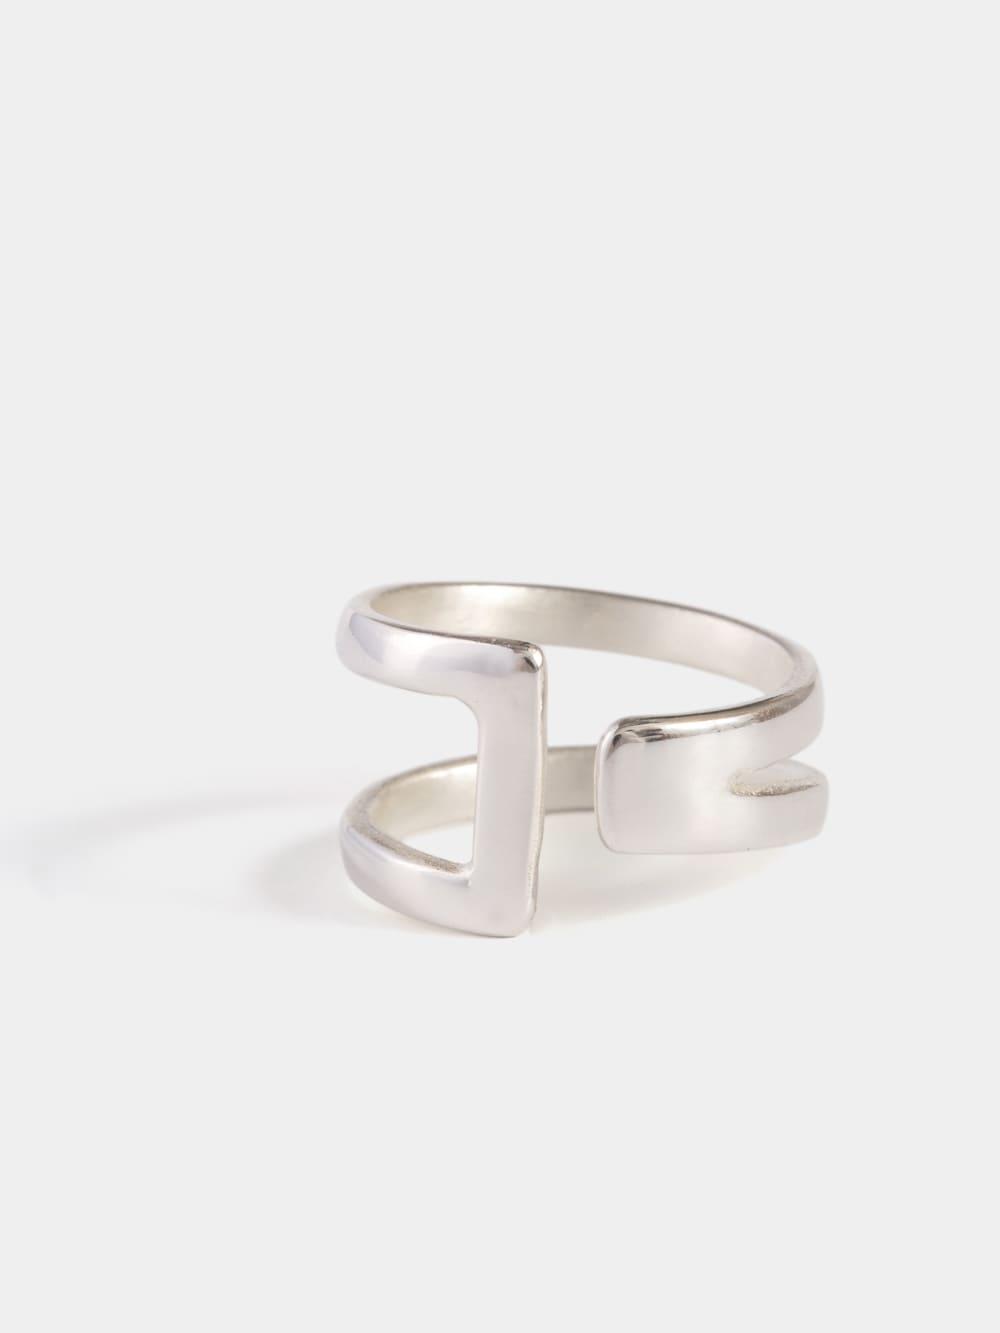 anillo de plata para mujer diseñado con dos barras, joyas artesanales, joyas para regalar, marteliè barcelona, joyasmarket